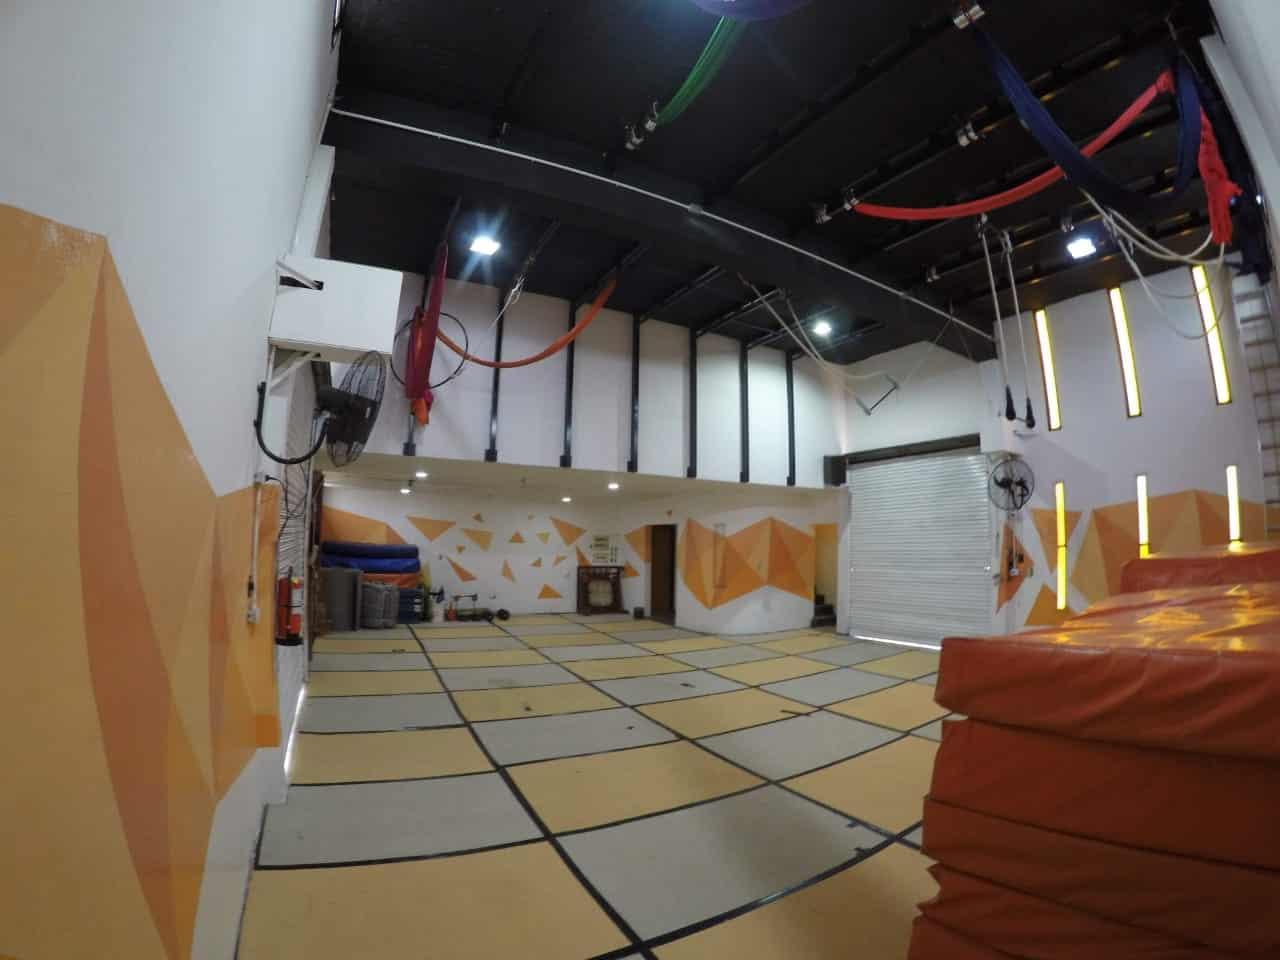 La Escuela de circo 'De pies a cabeza' se muda al centro de Ituzaingó 4